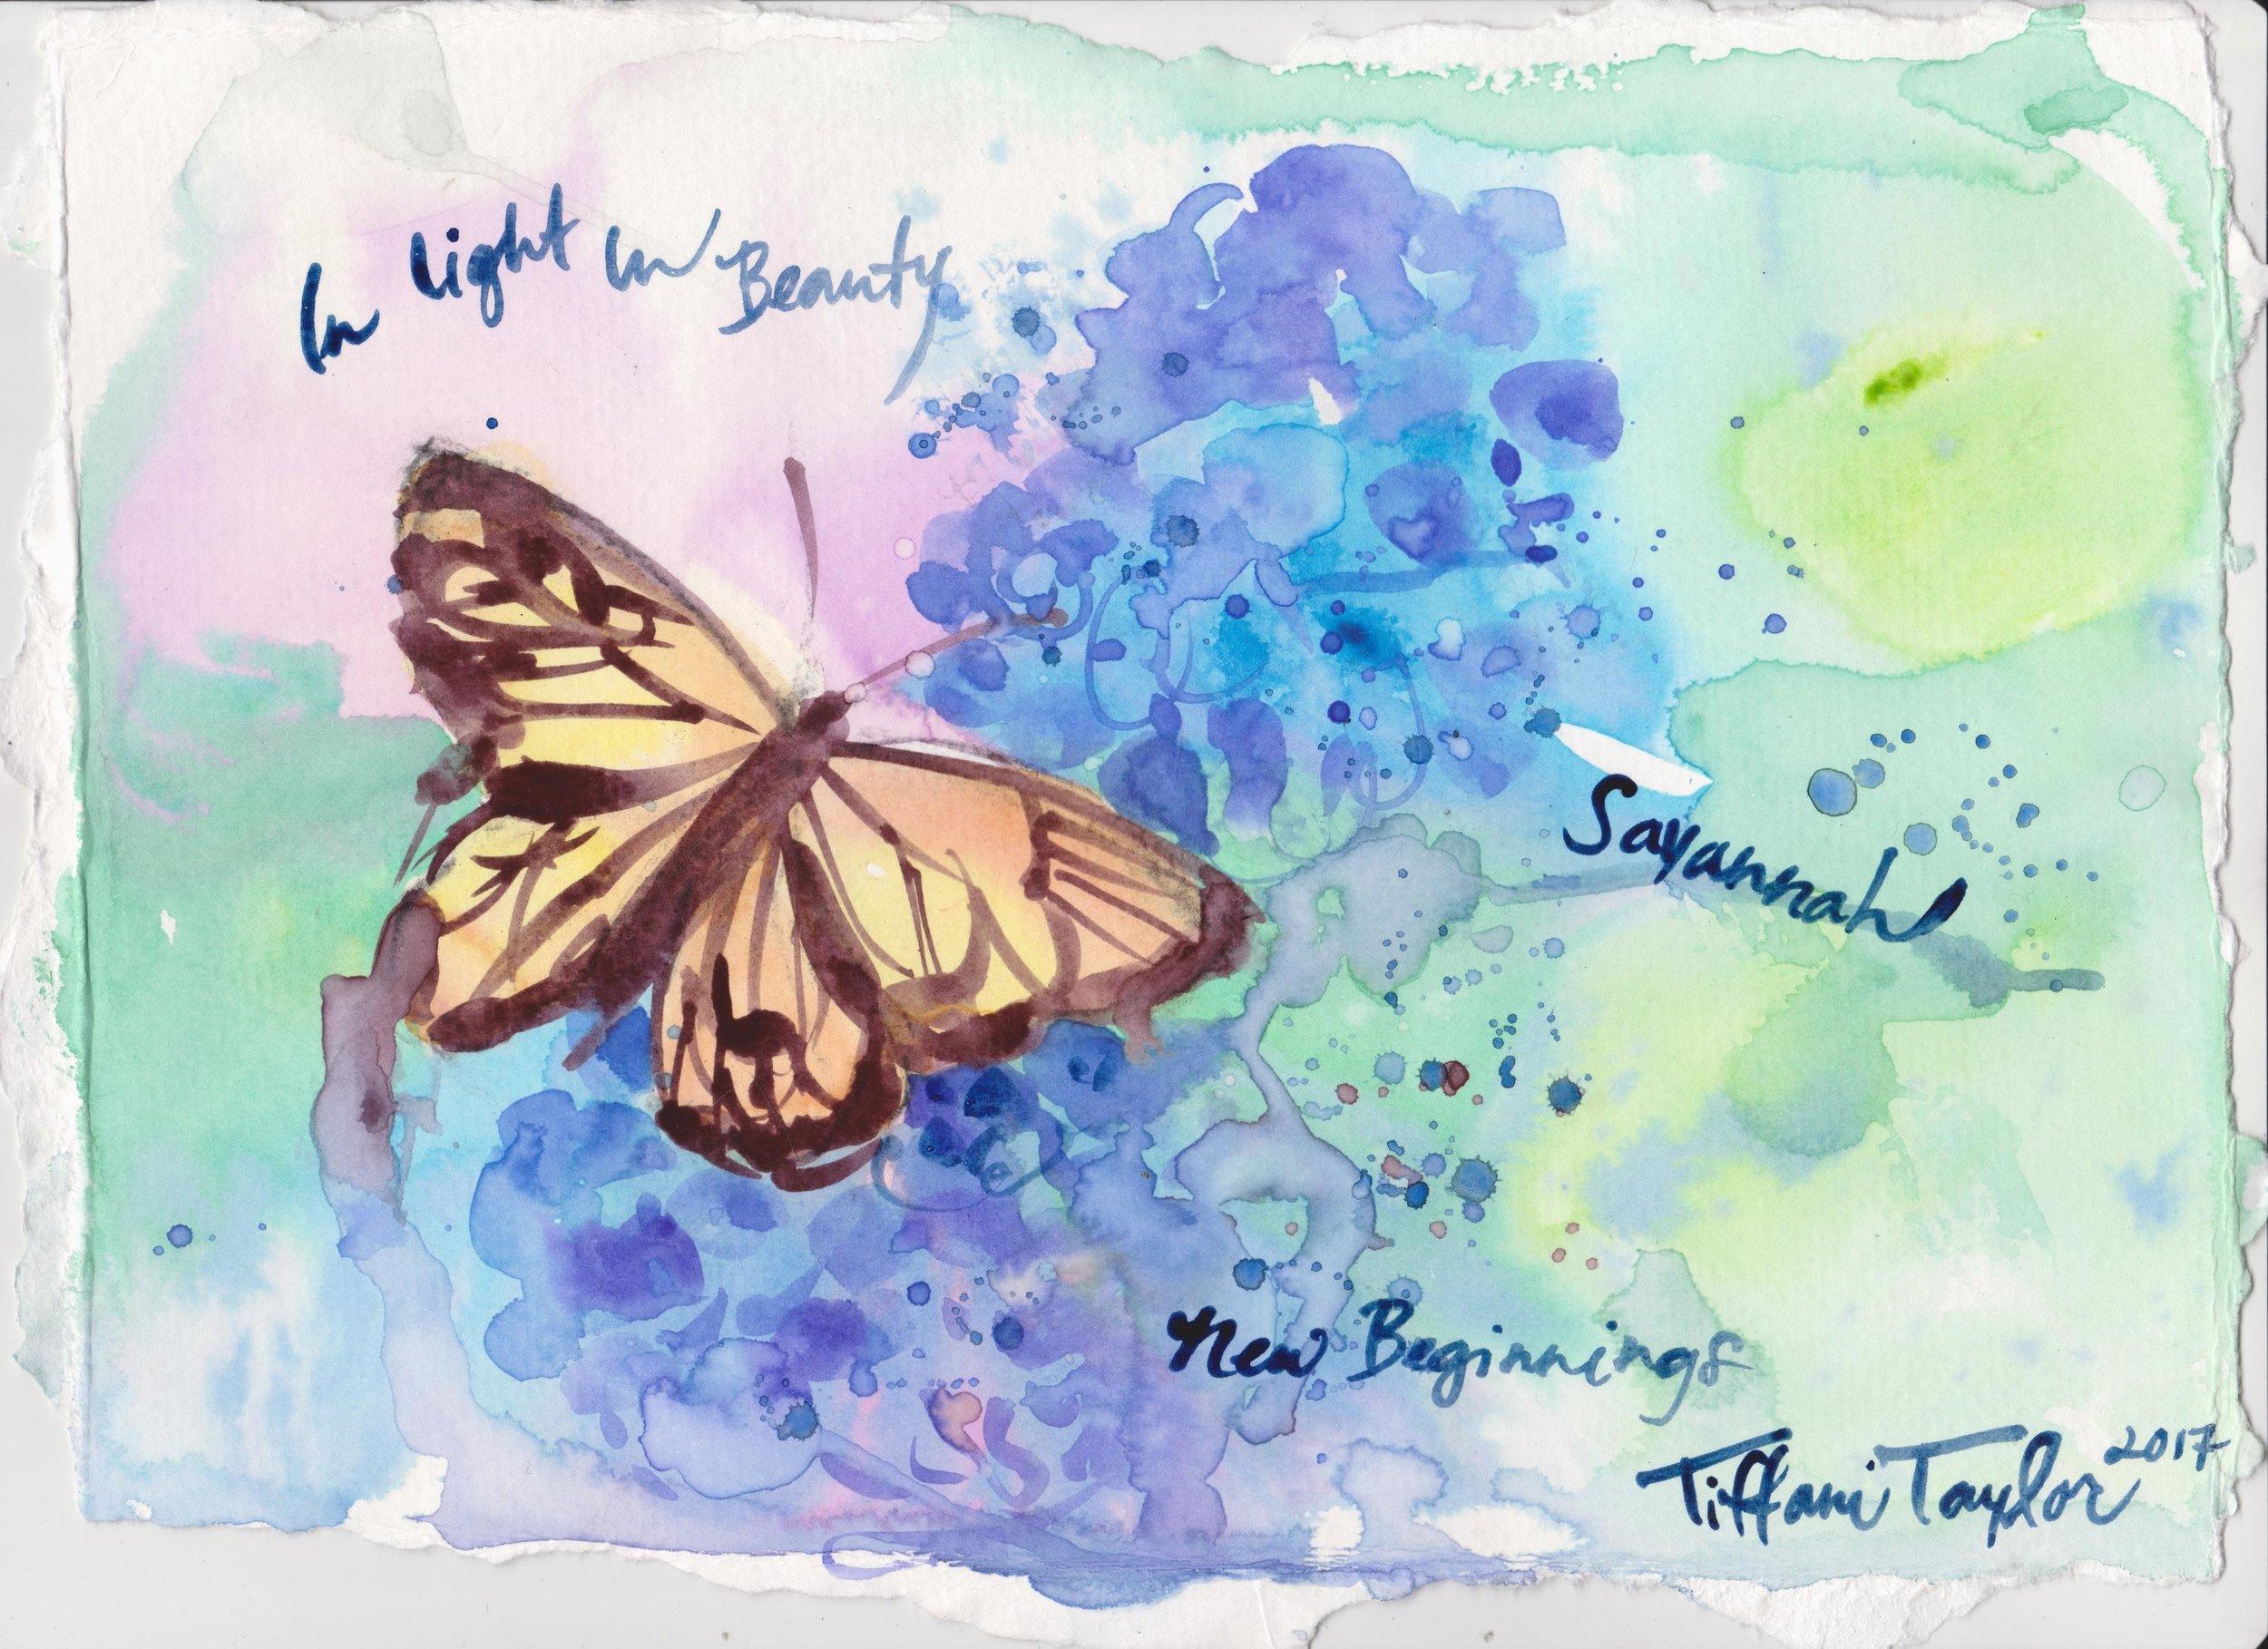 Butterfly: In Light, In Beauty, Savannah...